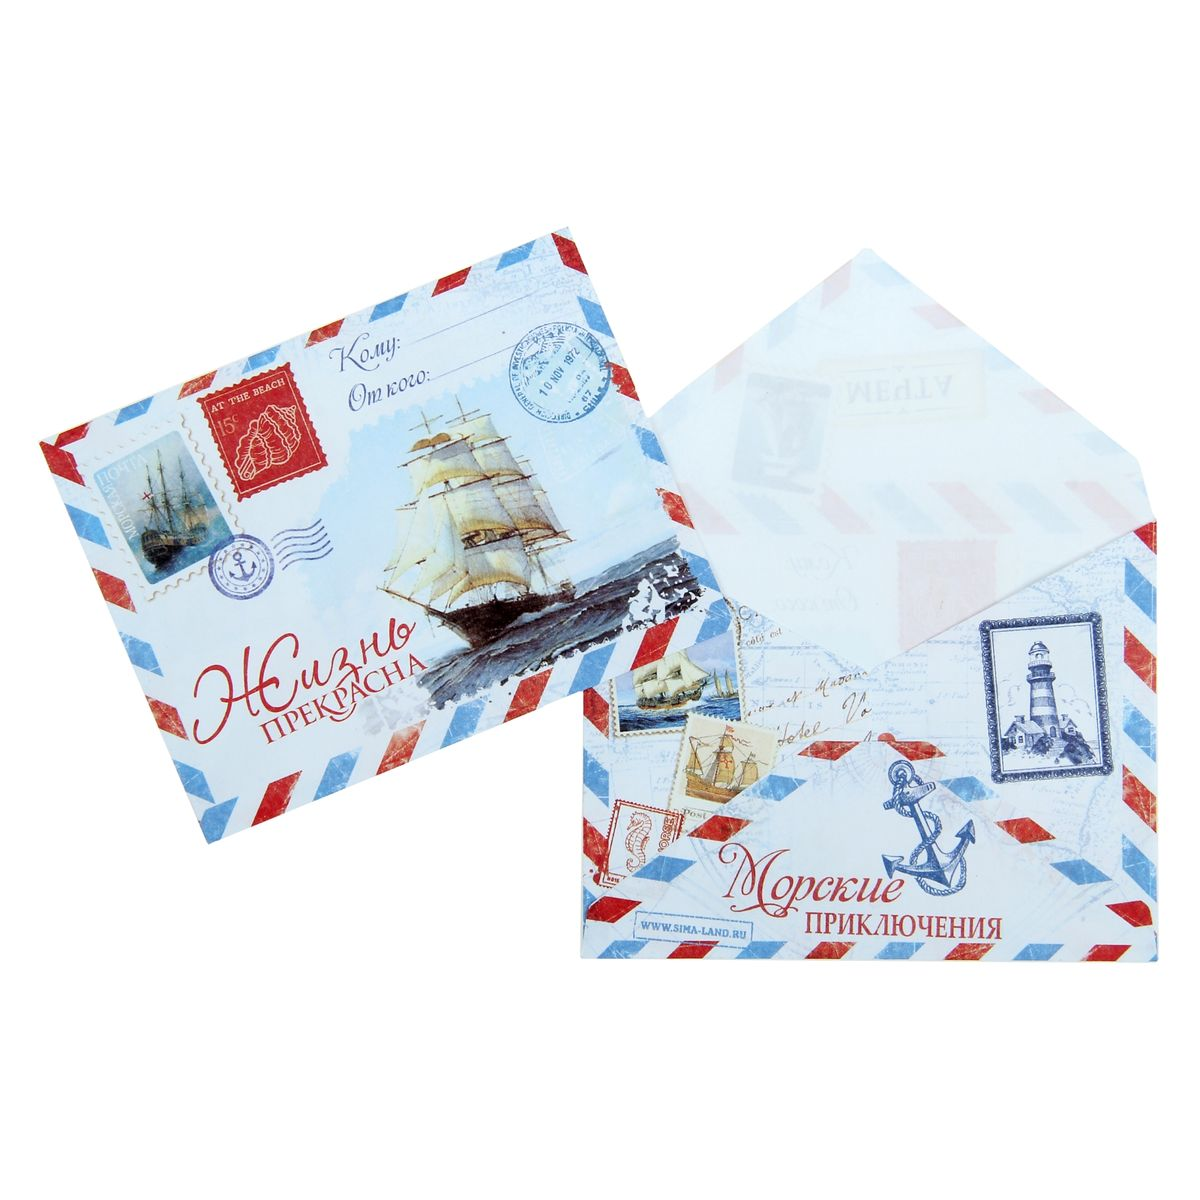 Конверт подарочный Морской1021076Изготовленный из бумаги конверт Морской поможет вам в оформлении подарка. Конверт украшен изображением корабля, марок и печатей. Есть два поля: Кому и От кого. В такой конверт можно поместить записку или маленькую фотографию. Конверт Морской поможет вам украсить ваш подарок!